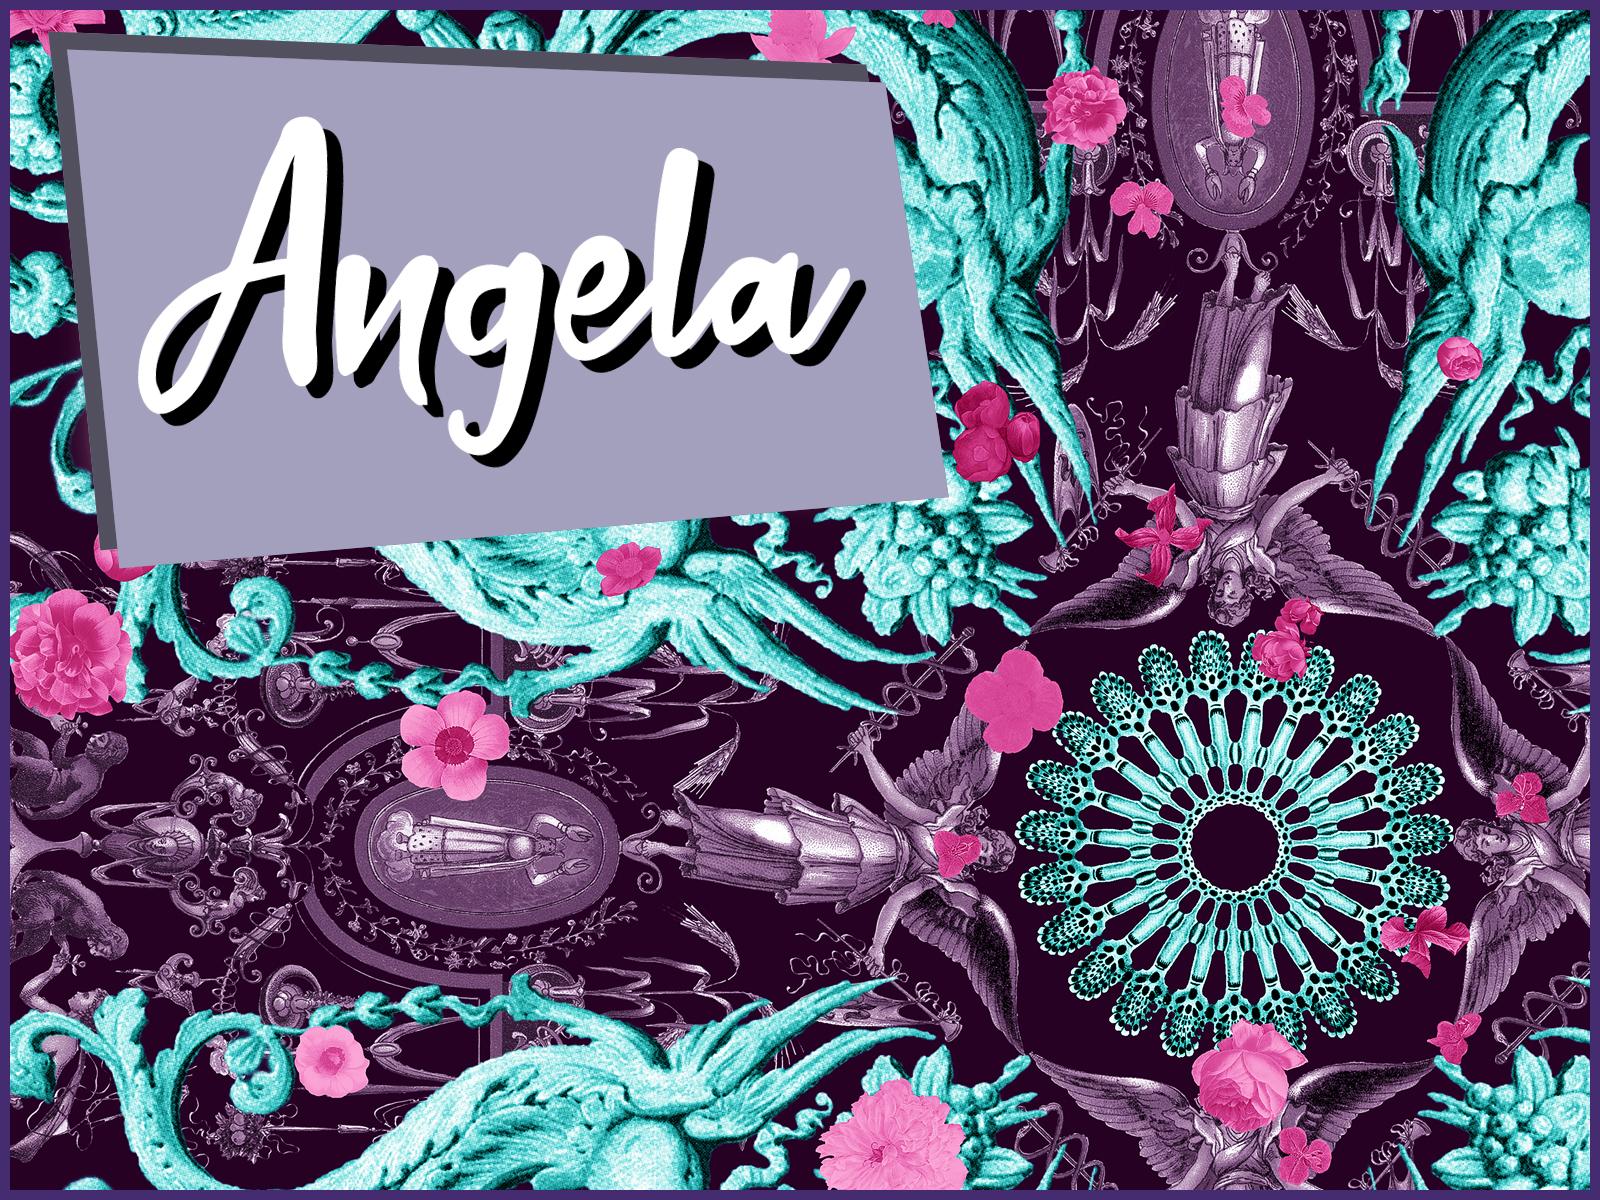 angelafabricimage.jpg